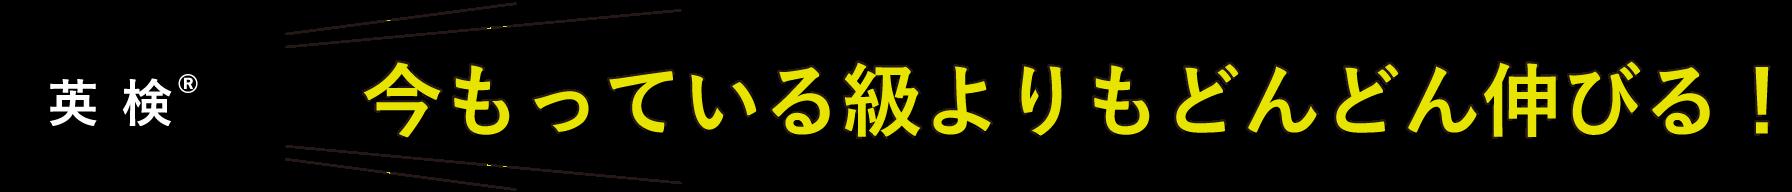 英 検®今もっている級よりもどんどん伸びる!